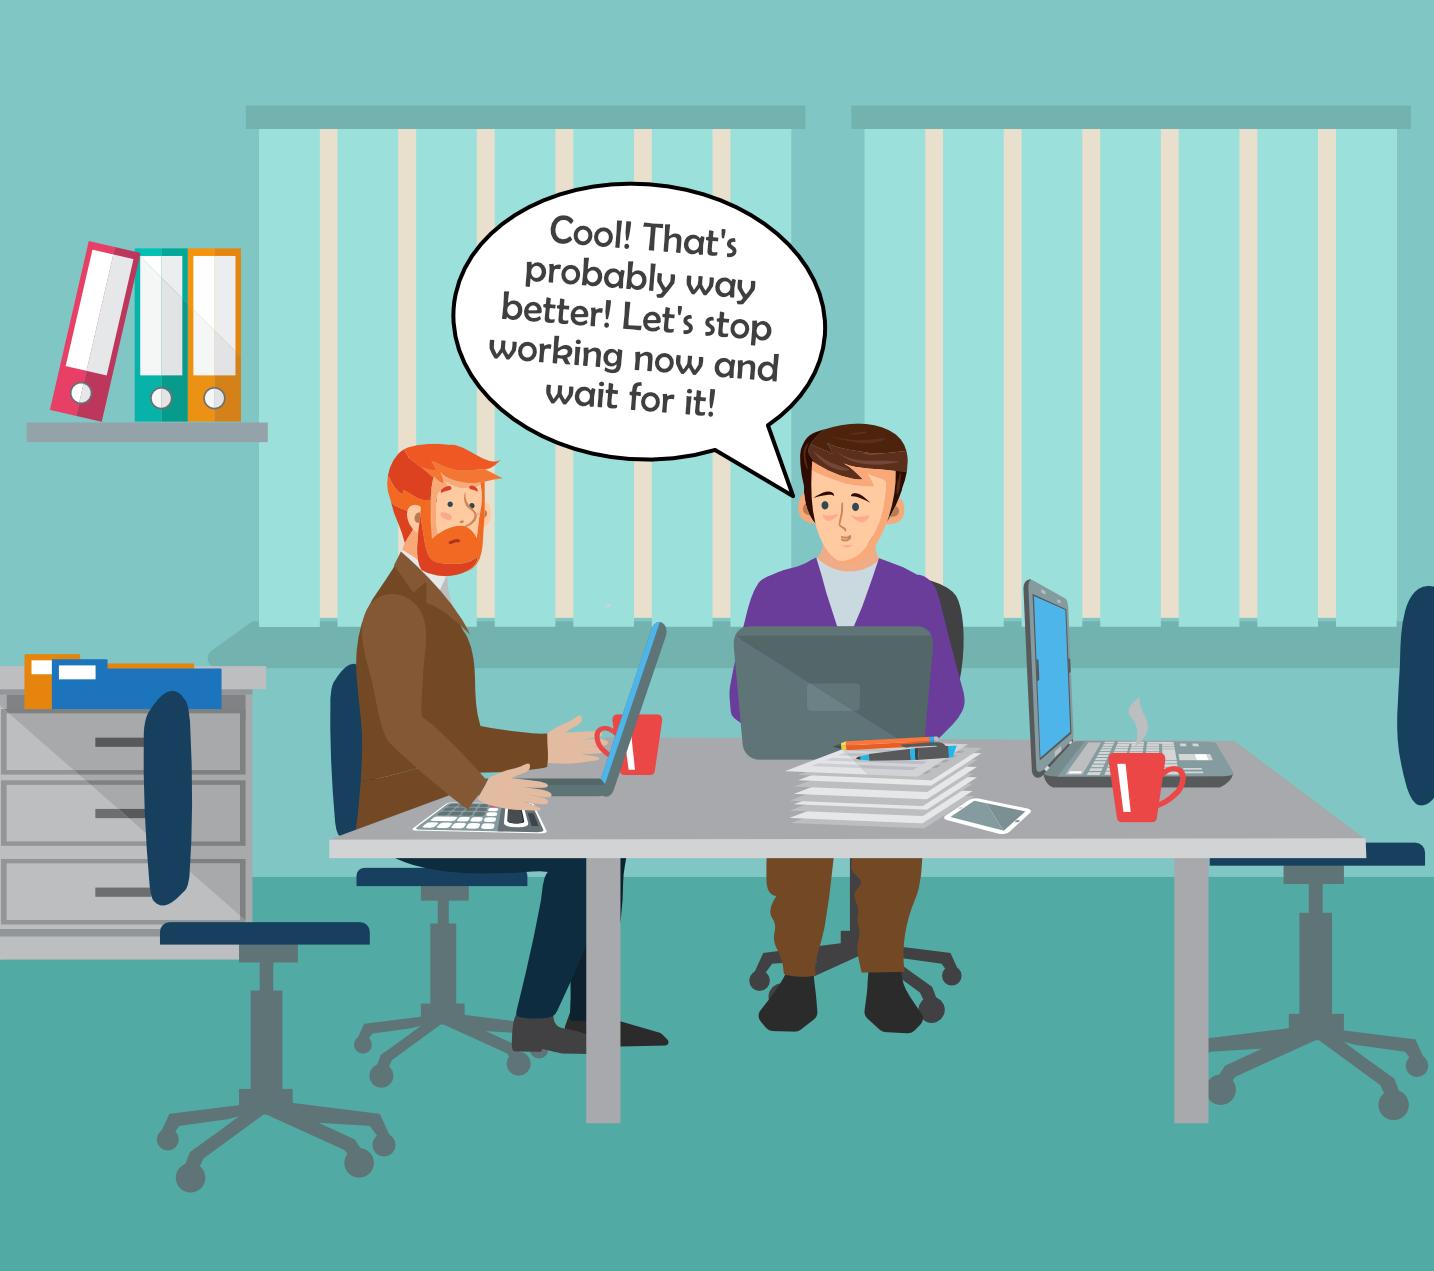 Cartoon biases reeks 3-panel 2: marketing - customers